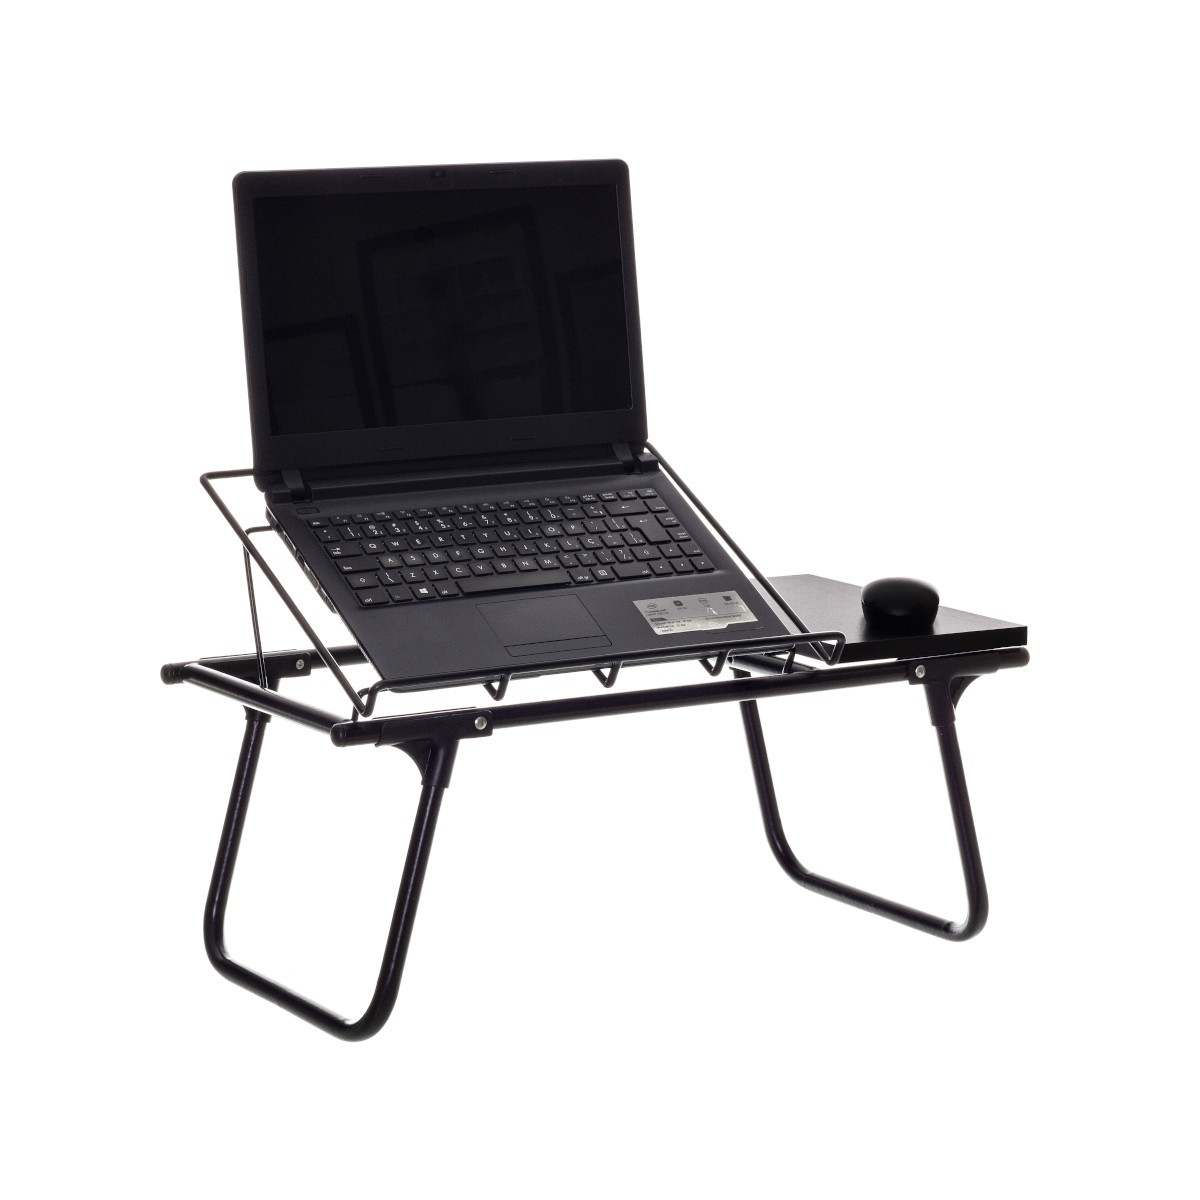 Mesa de Colo Dobrável para Notebook Aramado c/ Suporte p/ Mouse em Madeira - Metaltru